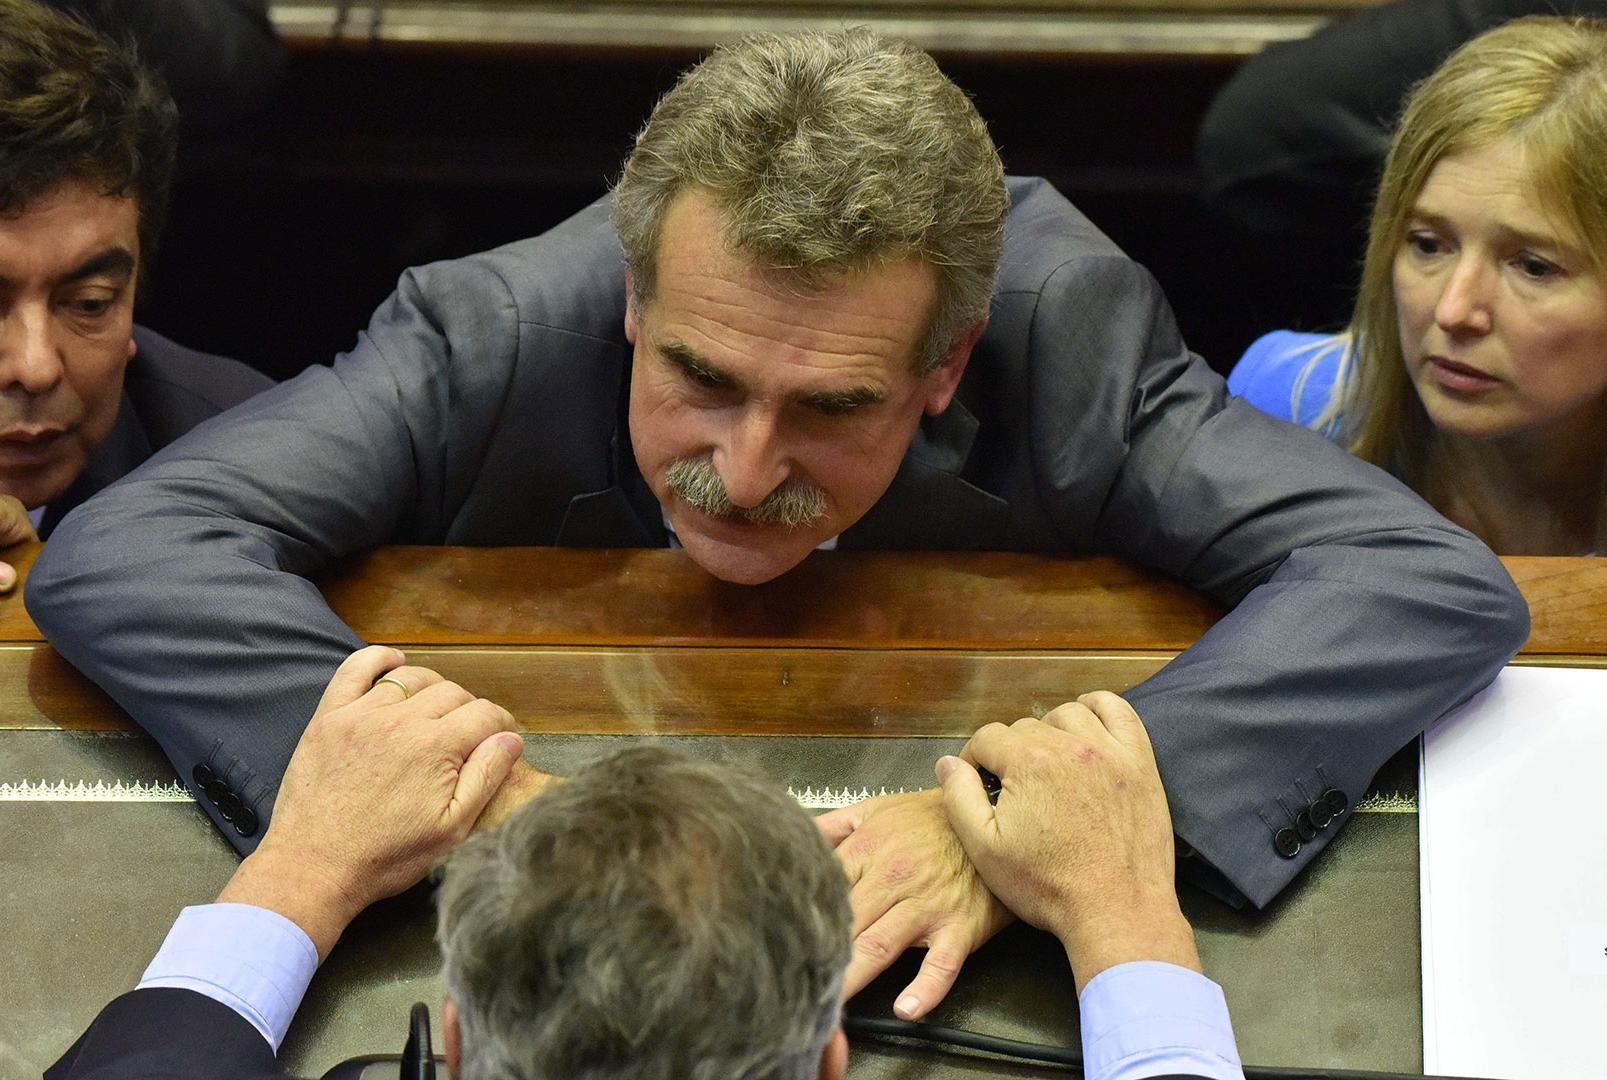 La oposición dilató 5 horas el debate previsional: 36 cuestiones de privilegio y 8 mociones de suspensión